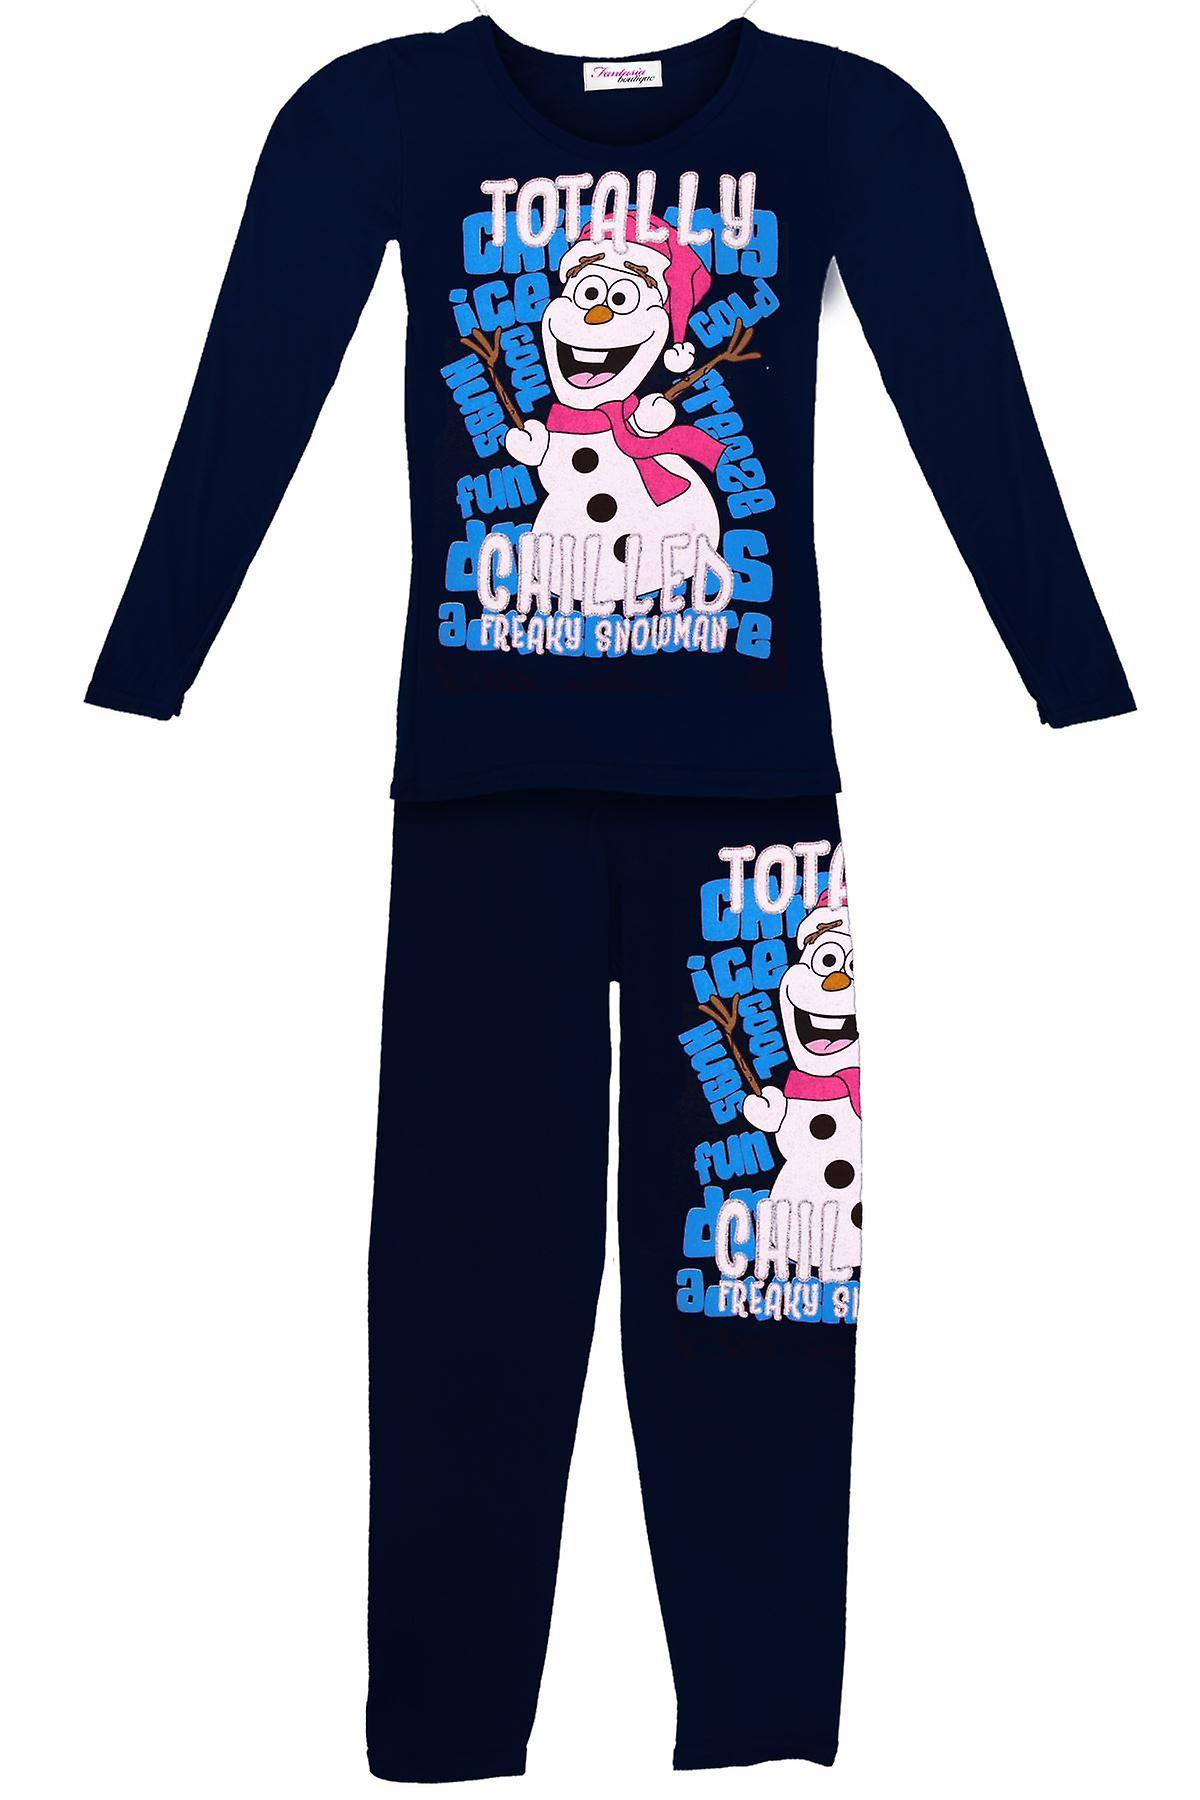 Lasten lumiukko OLAFin täysin jäähdytetty tytöt jäädytetty joulun pyjamat puku asetettu